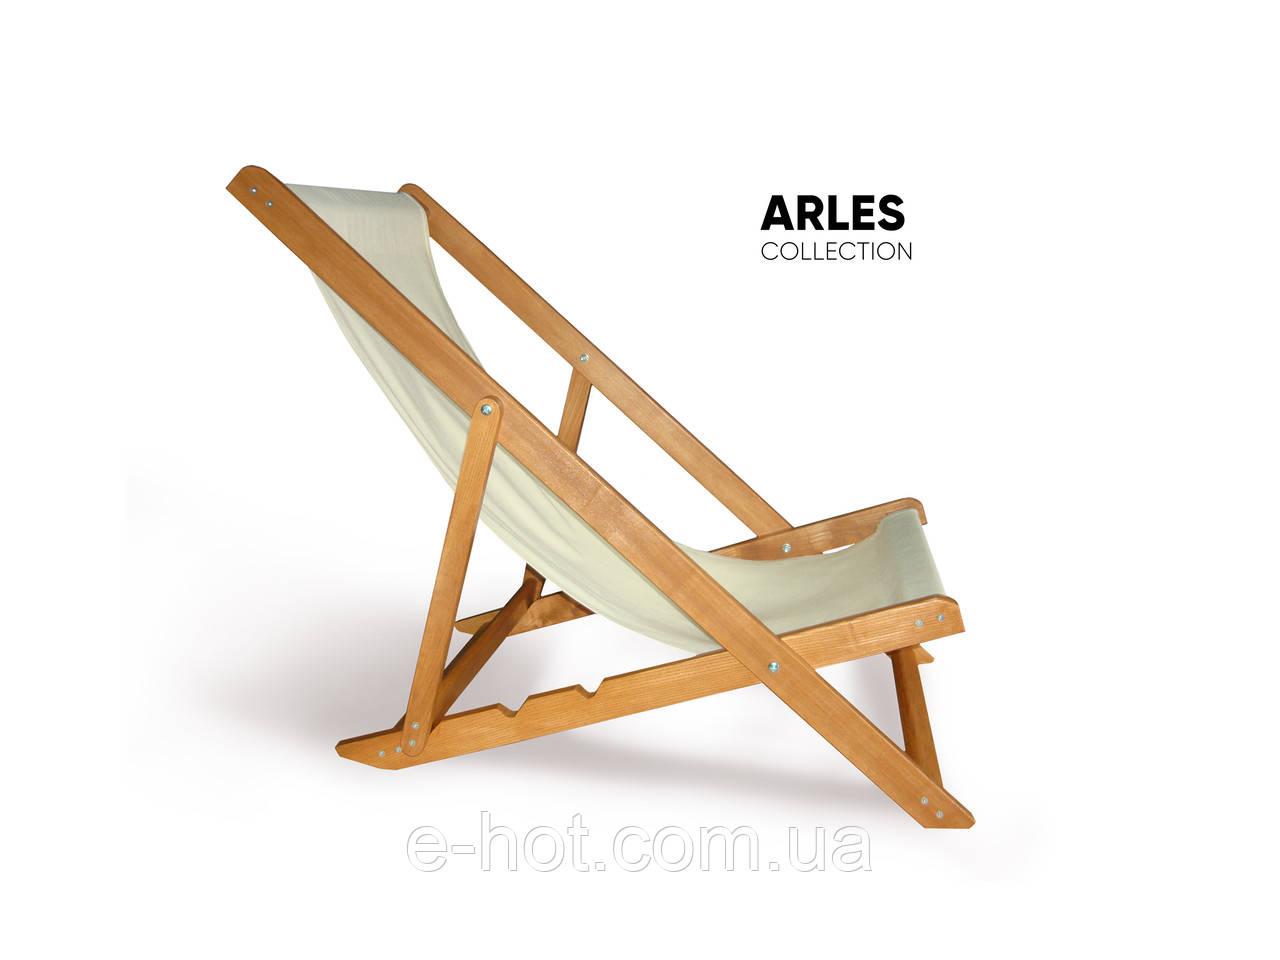 Пляжное кресло серии Arles